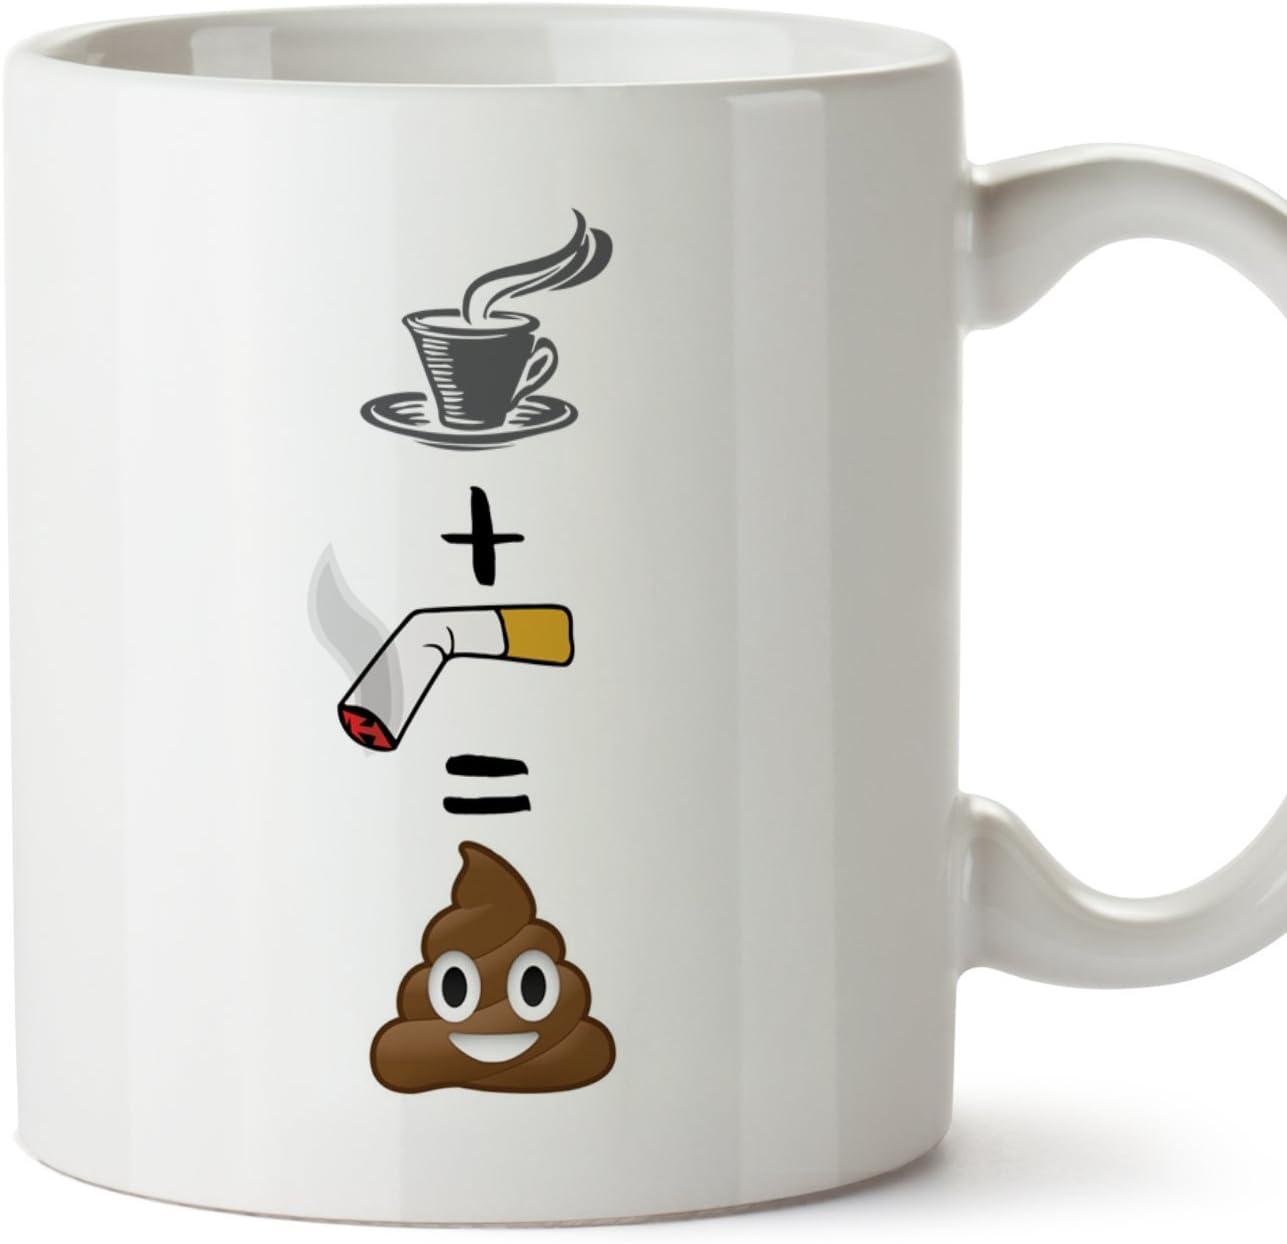 Tasse pour le petit-déjeuner originale et amusante. Café/clope/toilette Tasses avec un message rigolo. Cadeau pour amies ou à offrir a la famille.